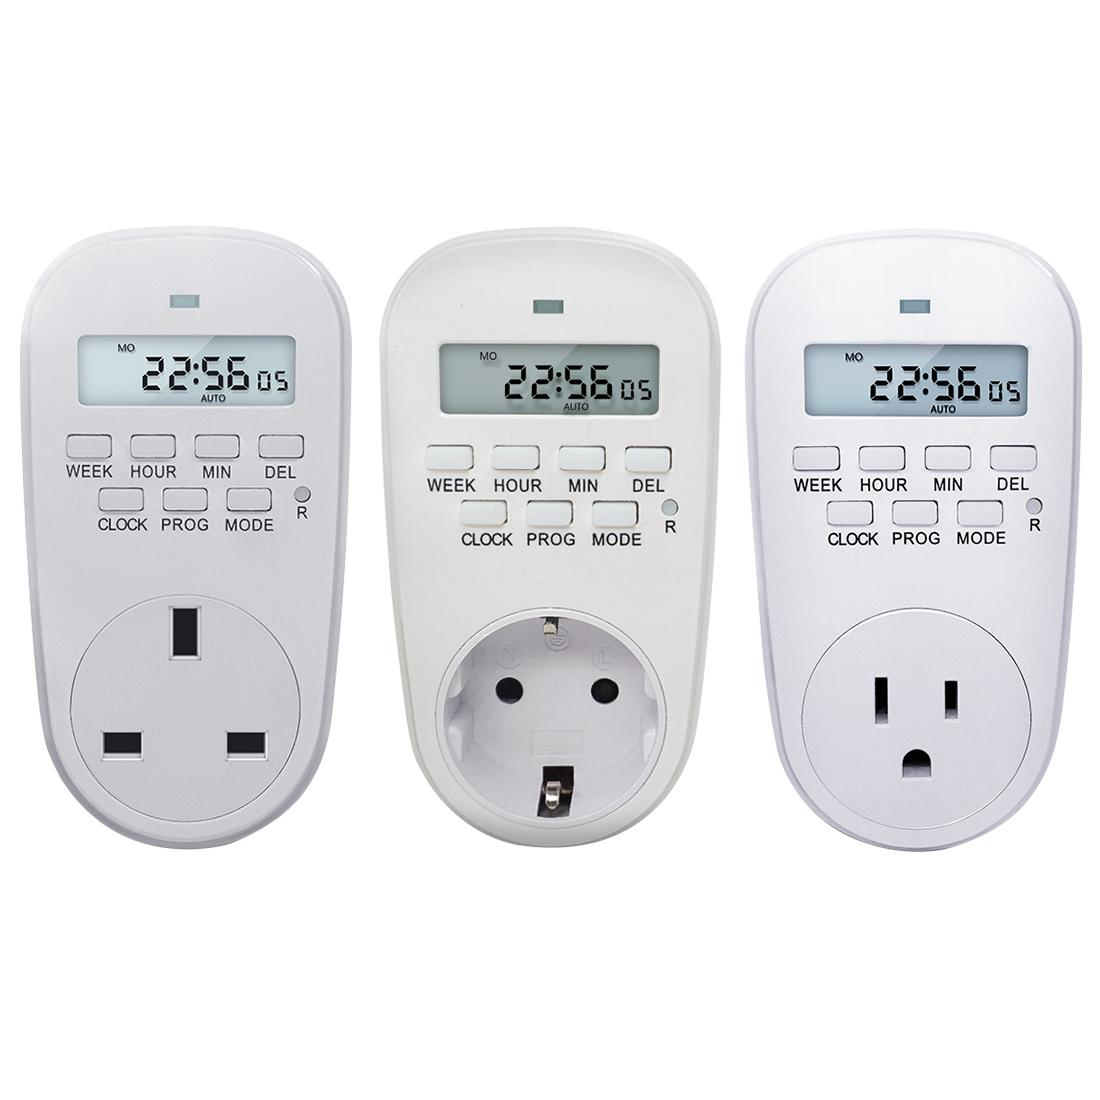 230 V Ayarlanabilir Ayarlanabilir Programlanabilir Ayarı Saat / Açık / Kapalı Zaman Dijital Zamanlayıcı Anahtarı Enerji Tasarrufu Akıllı Priz AB / ABD / İNGILTERE Tak